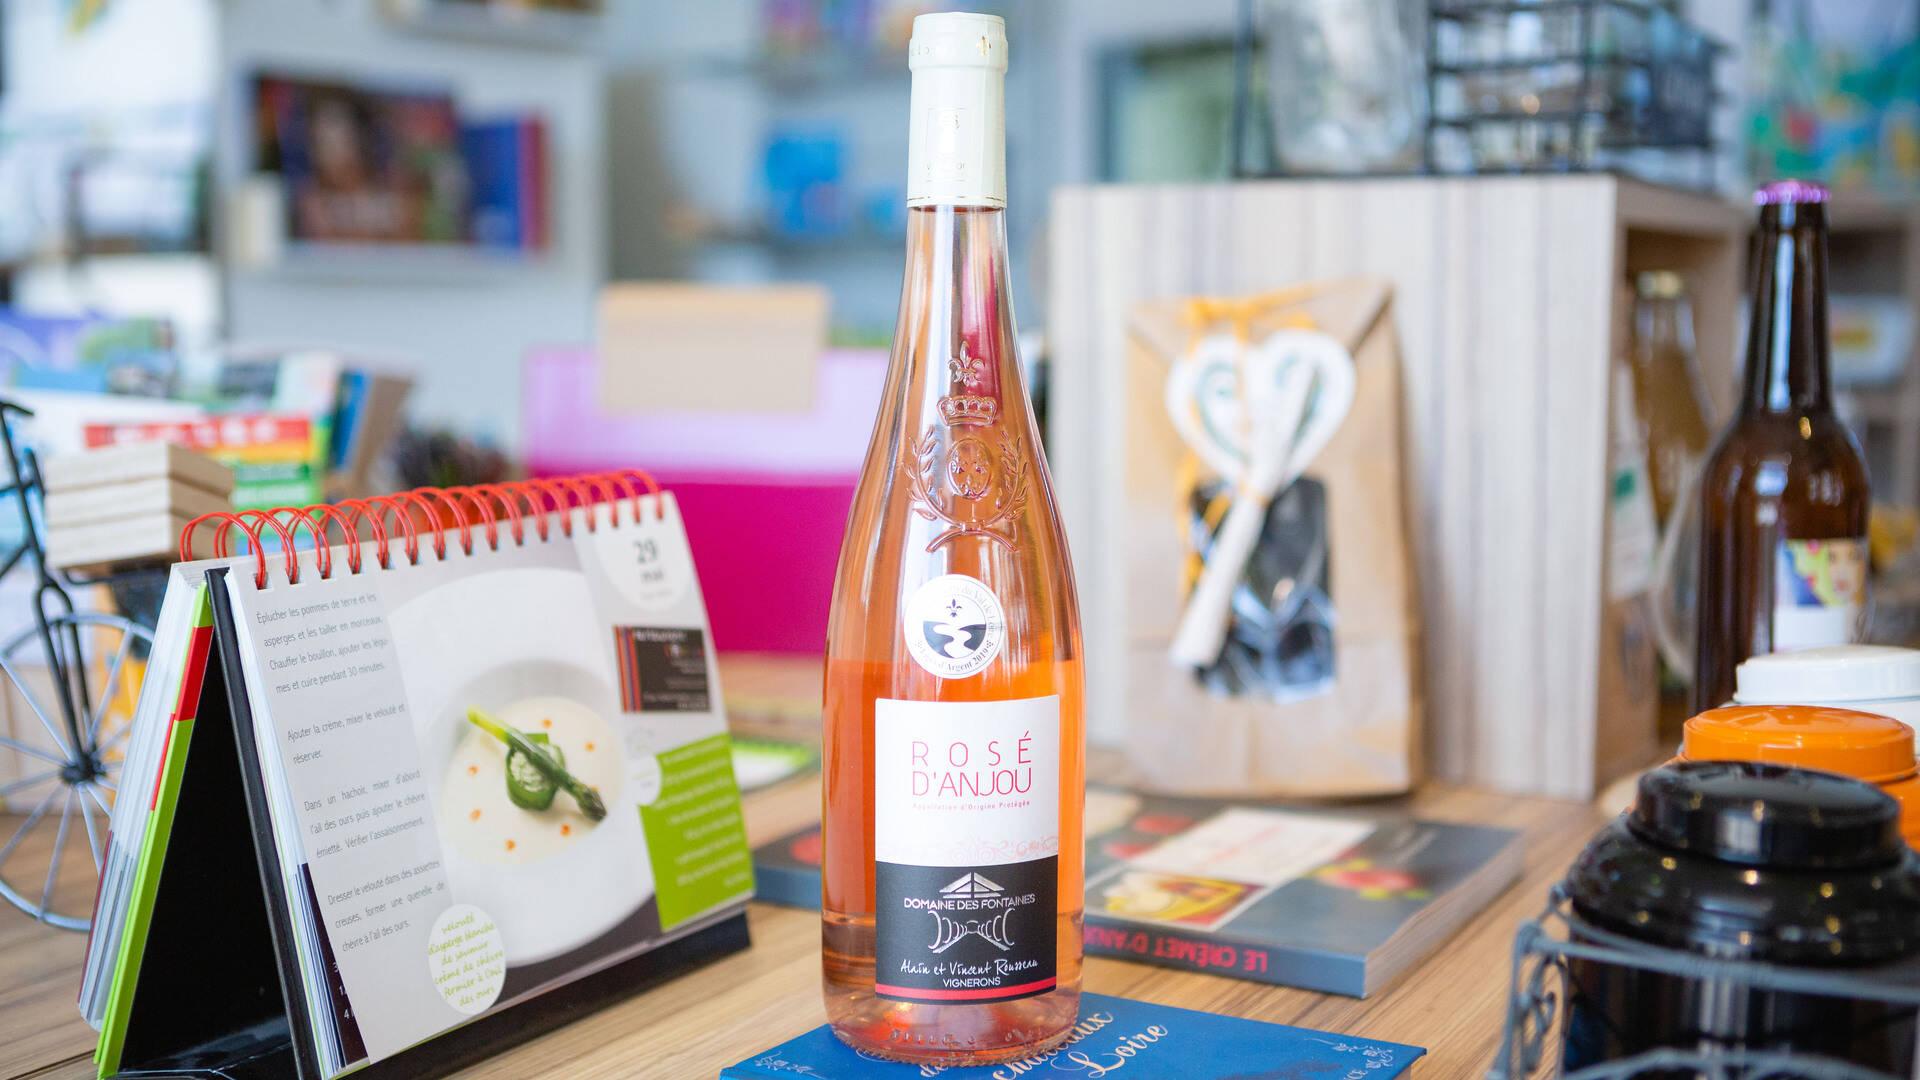 Vin rosé d'Anjou